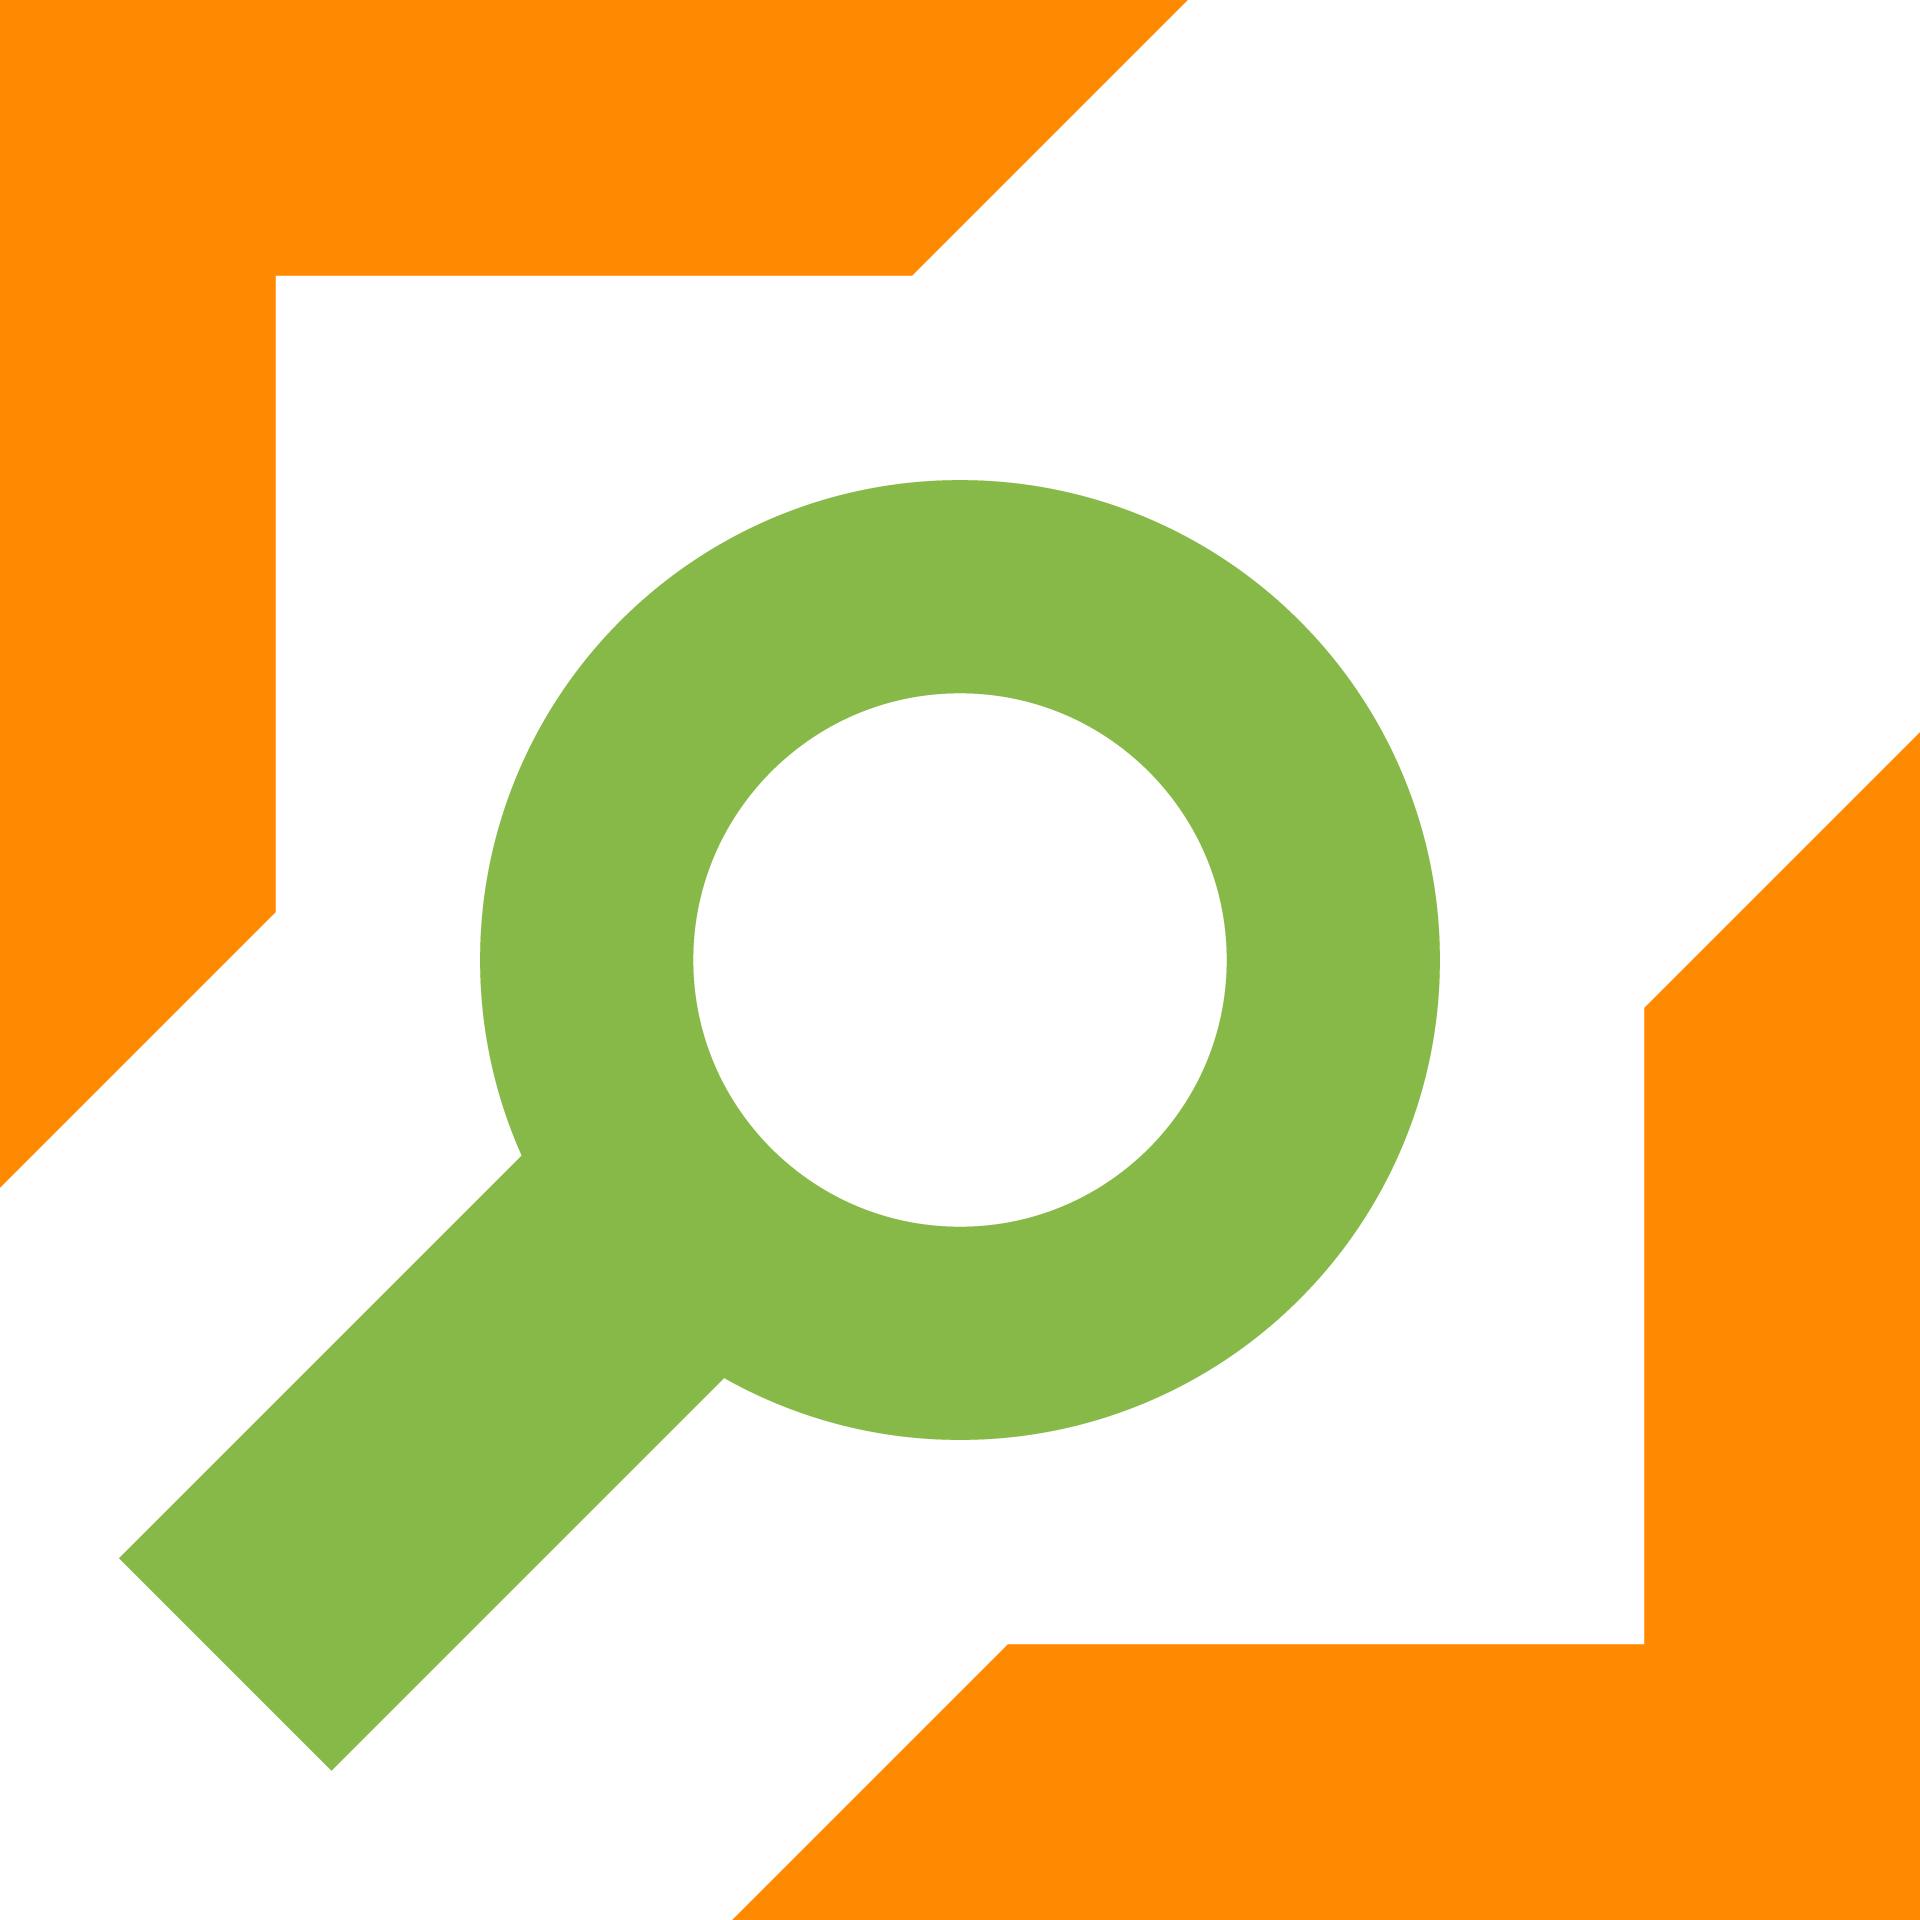 Логотип wSEO.pw